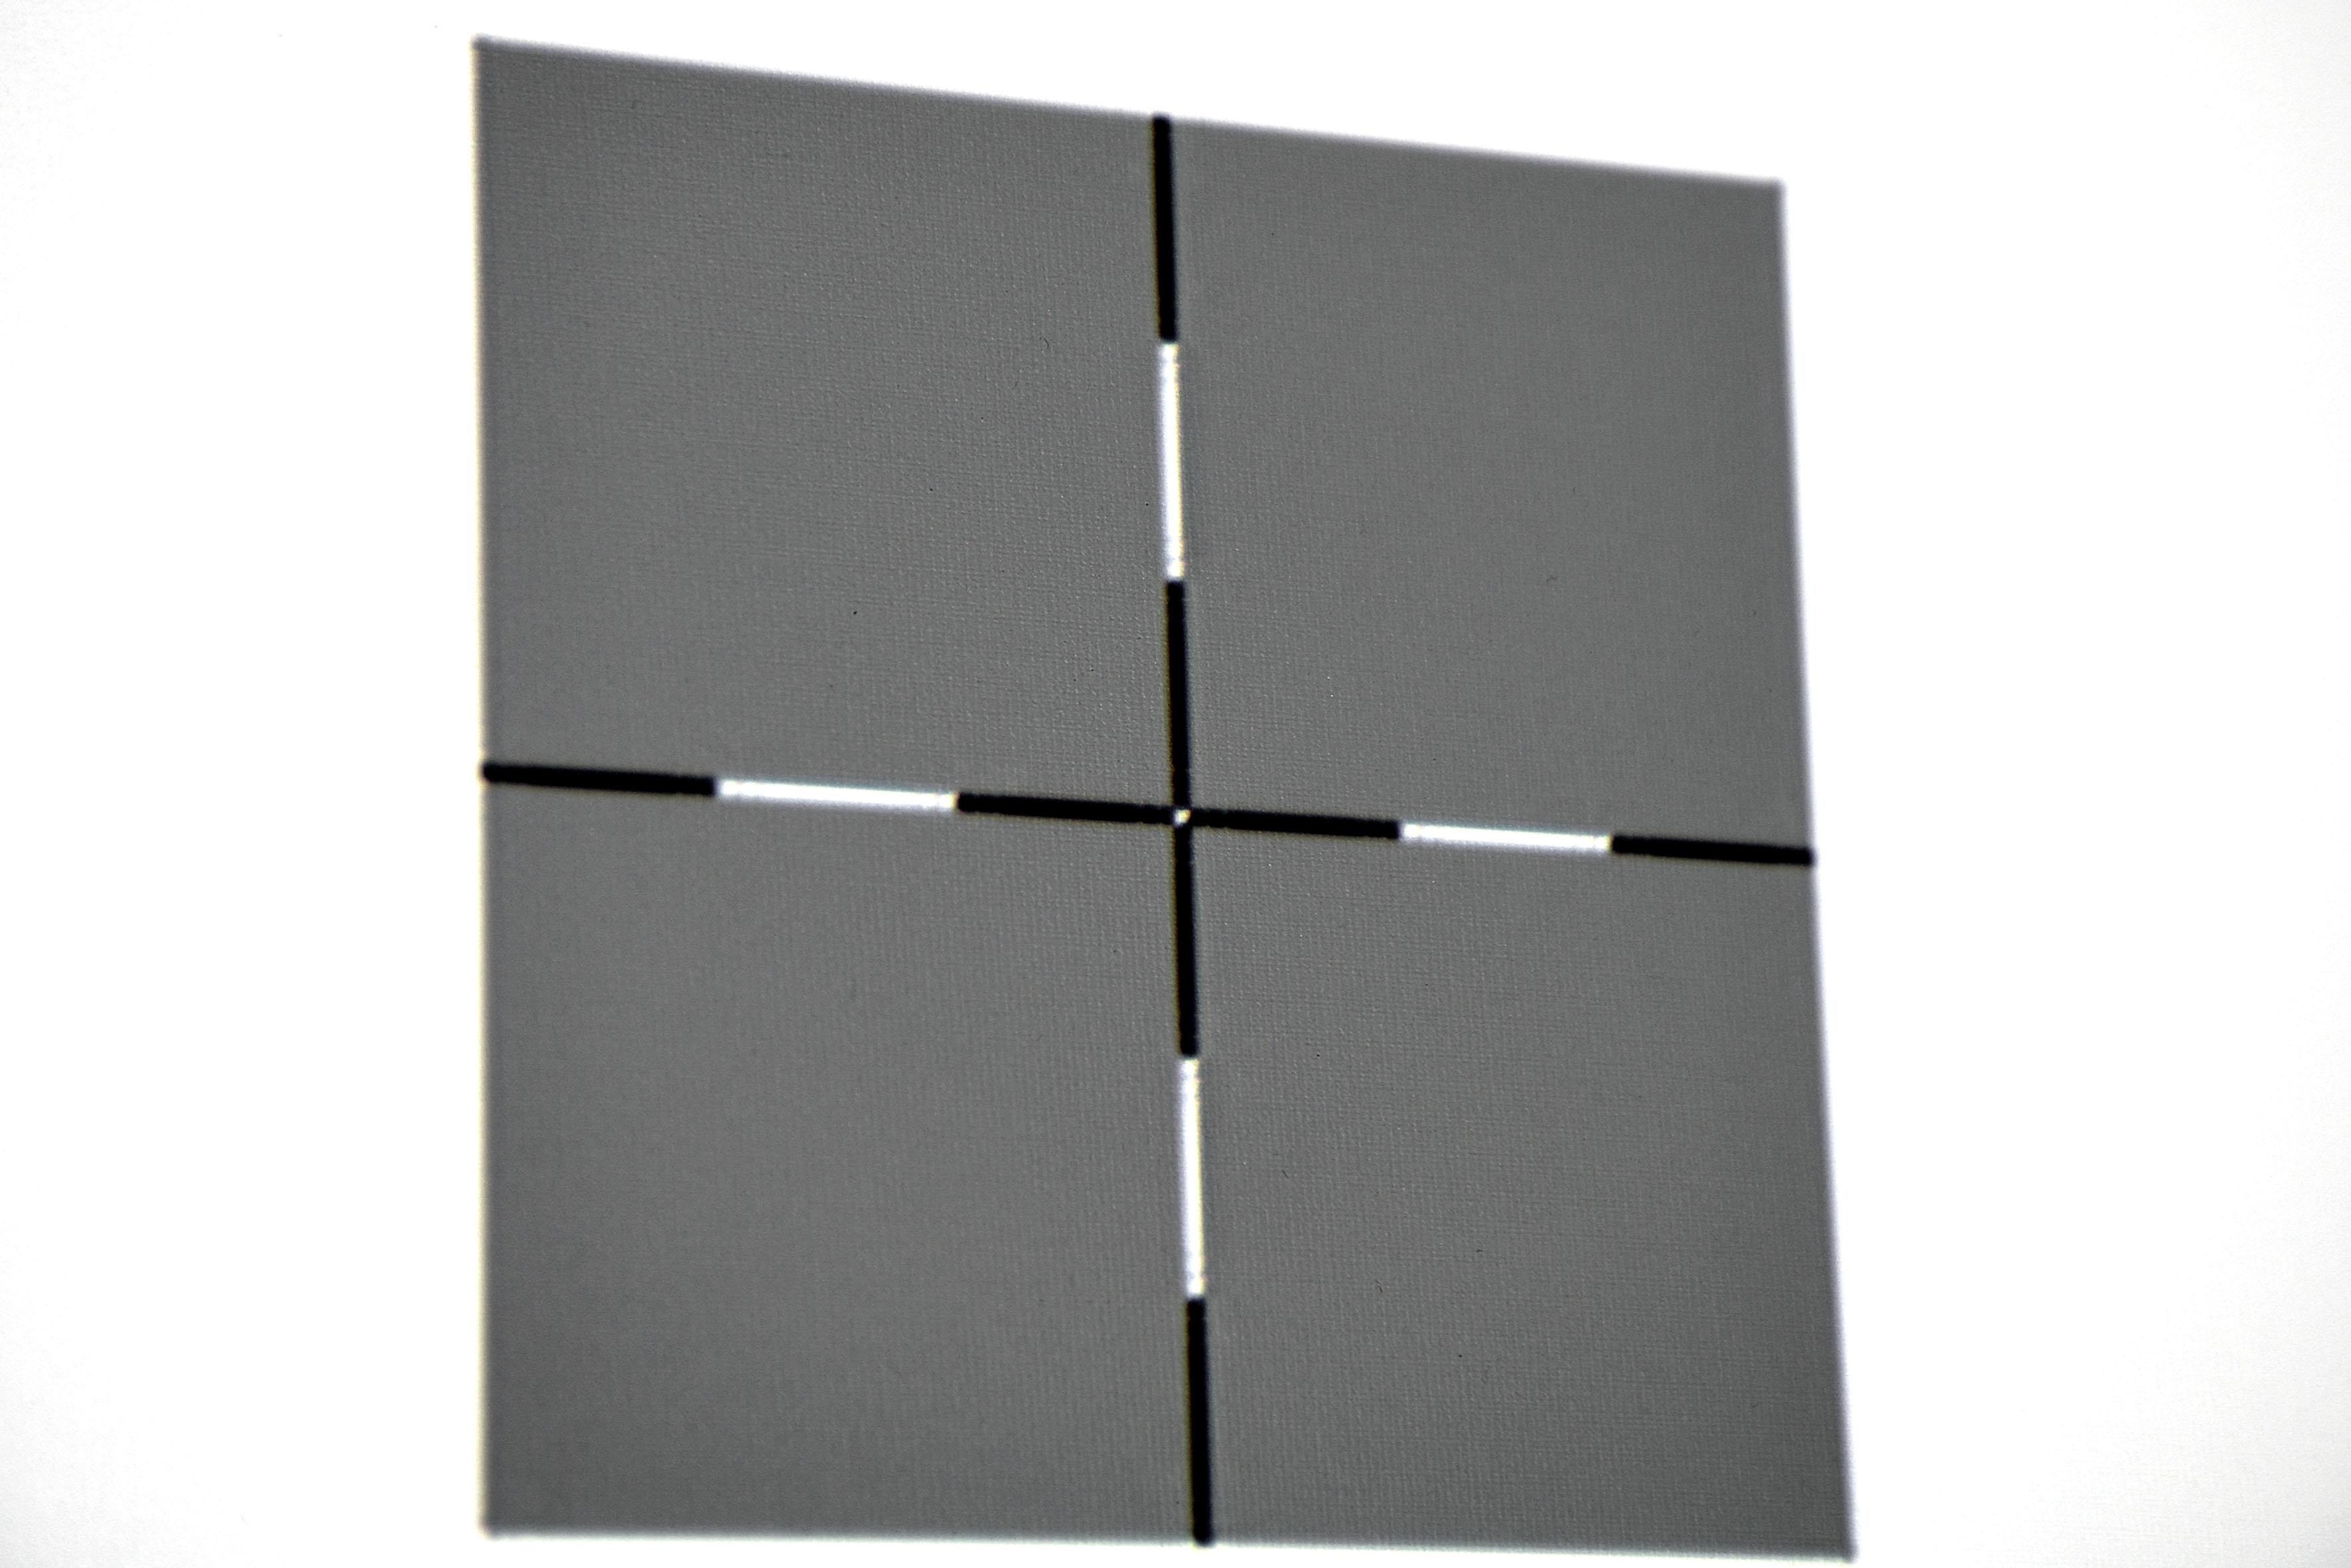 4K-Auflösung – Fadenkreuz: Das Fadenkreuz weist nach minimaler Konvergenzkorrektur (Rot/Blau jeweils +1) keine Farbsäume auf.